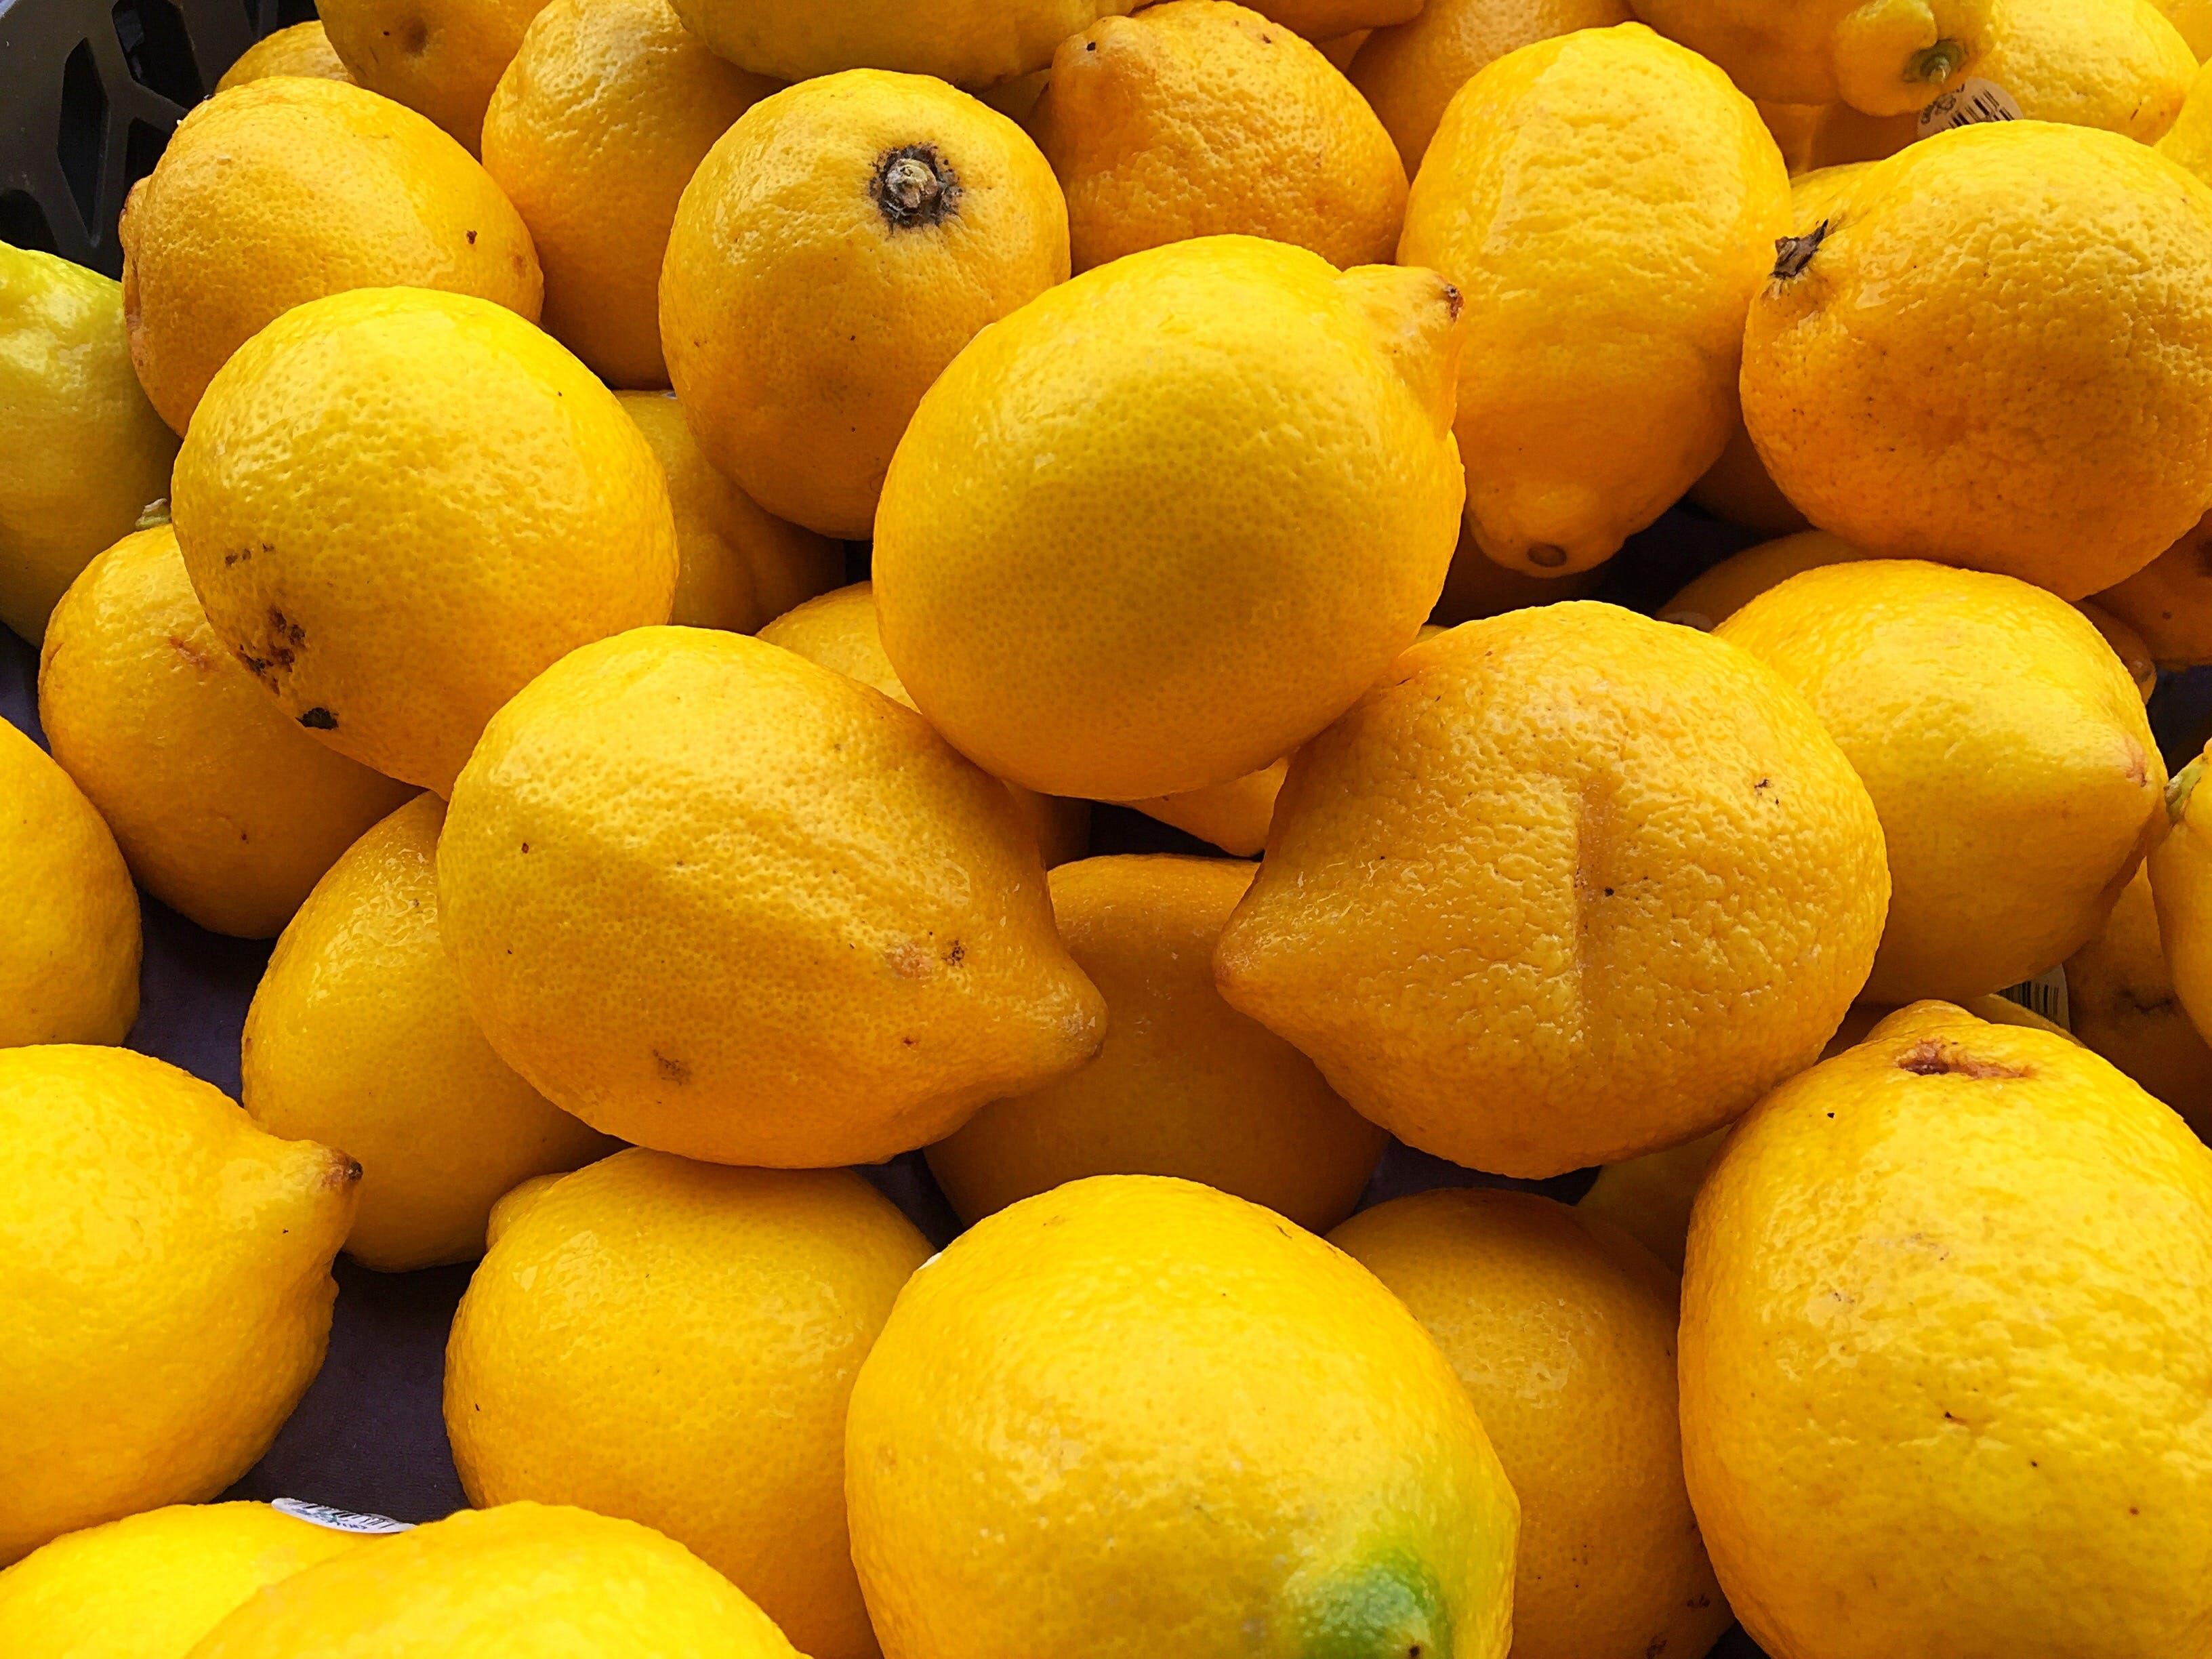 Kostenloses Stock Foto zu bauernhof, erzeugen, frucht, gelb